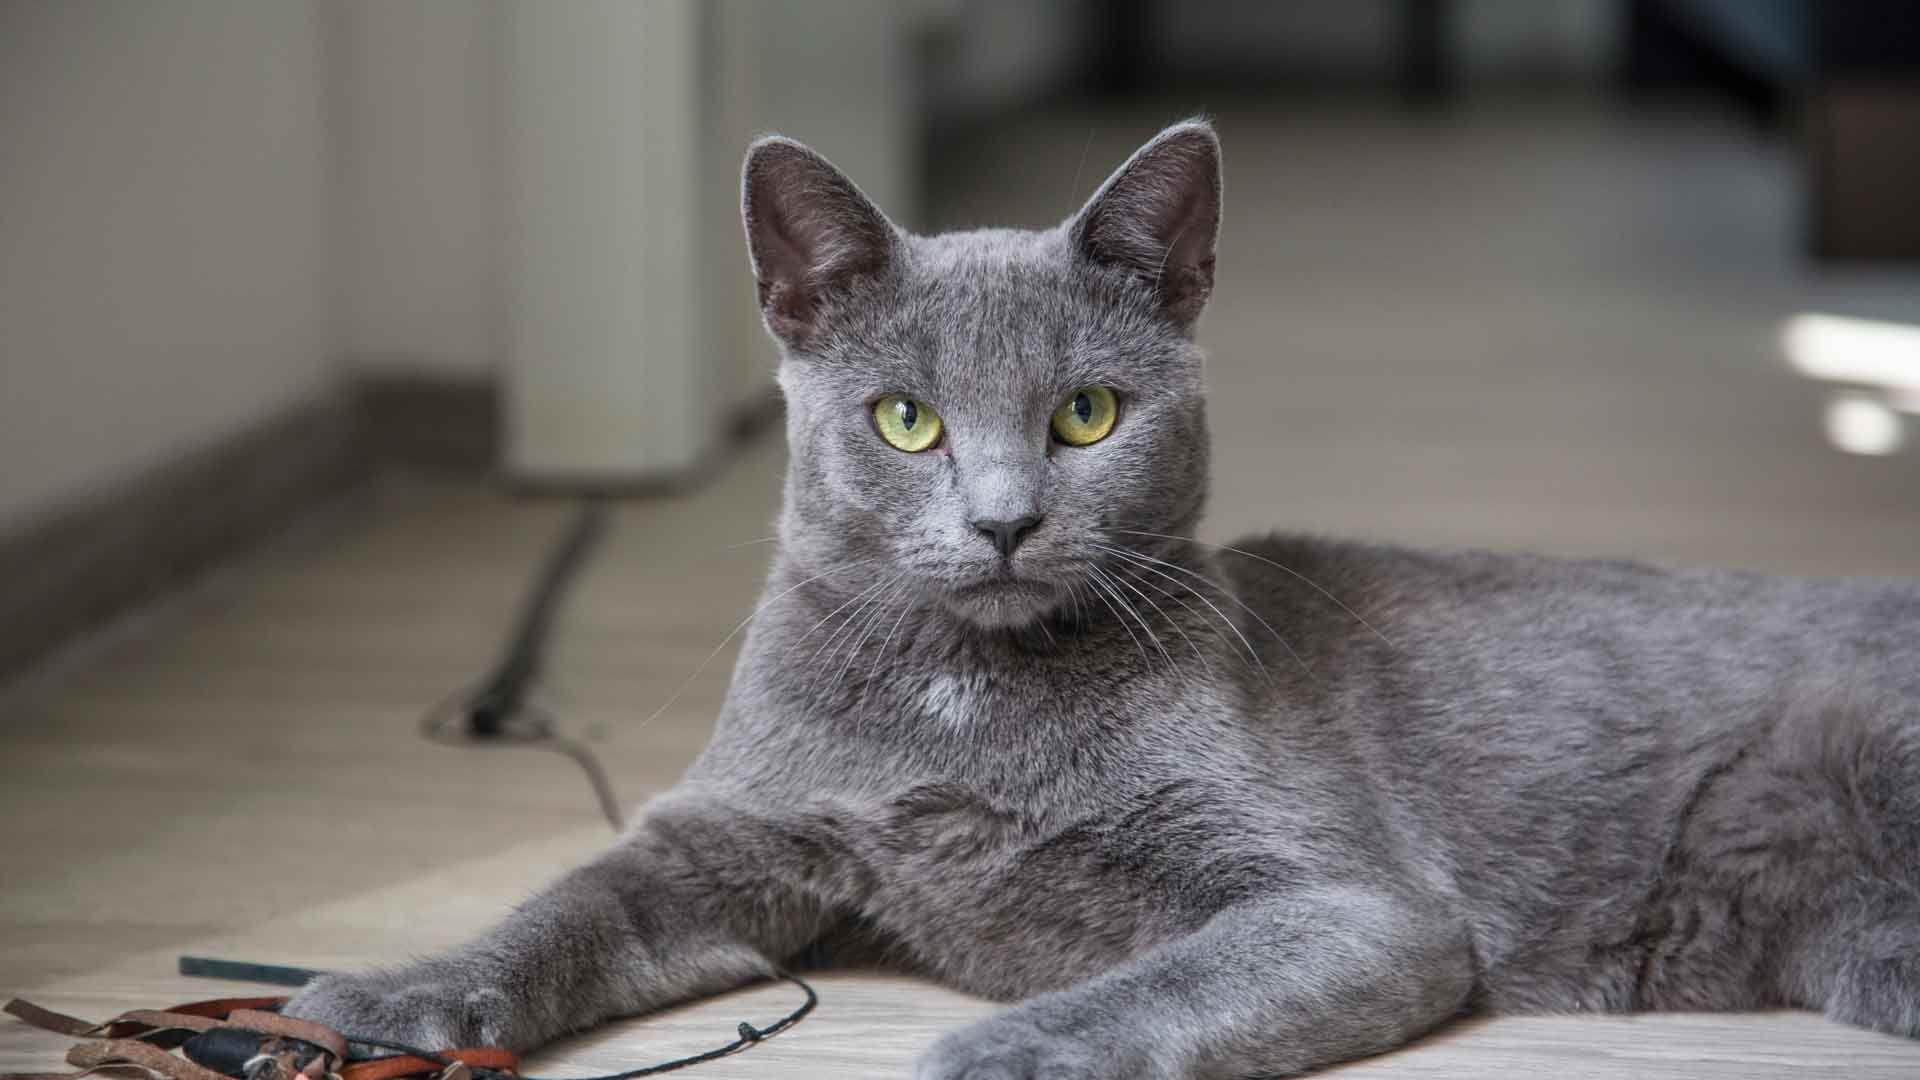 El Gato Azul Ruso Es Una De Las Razas Mas Famosas Y Admiradas Del Mundo Por Su Brilloso Y Lujoso Pelaje Color Azul P Grey Cat Names Grey Kitten Names Grey